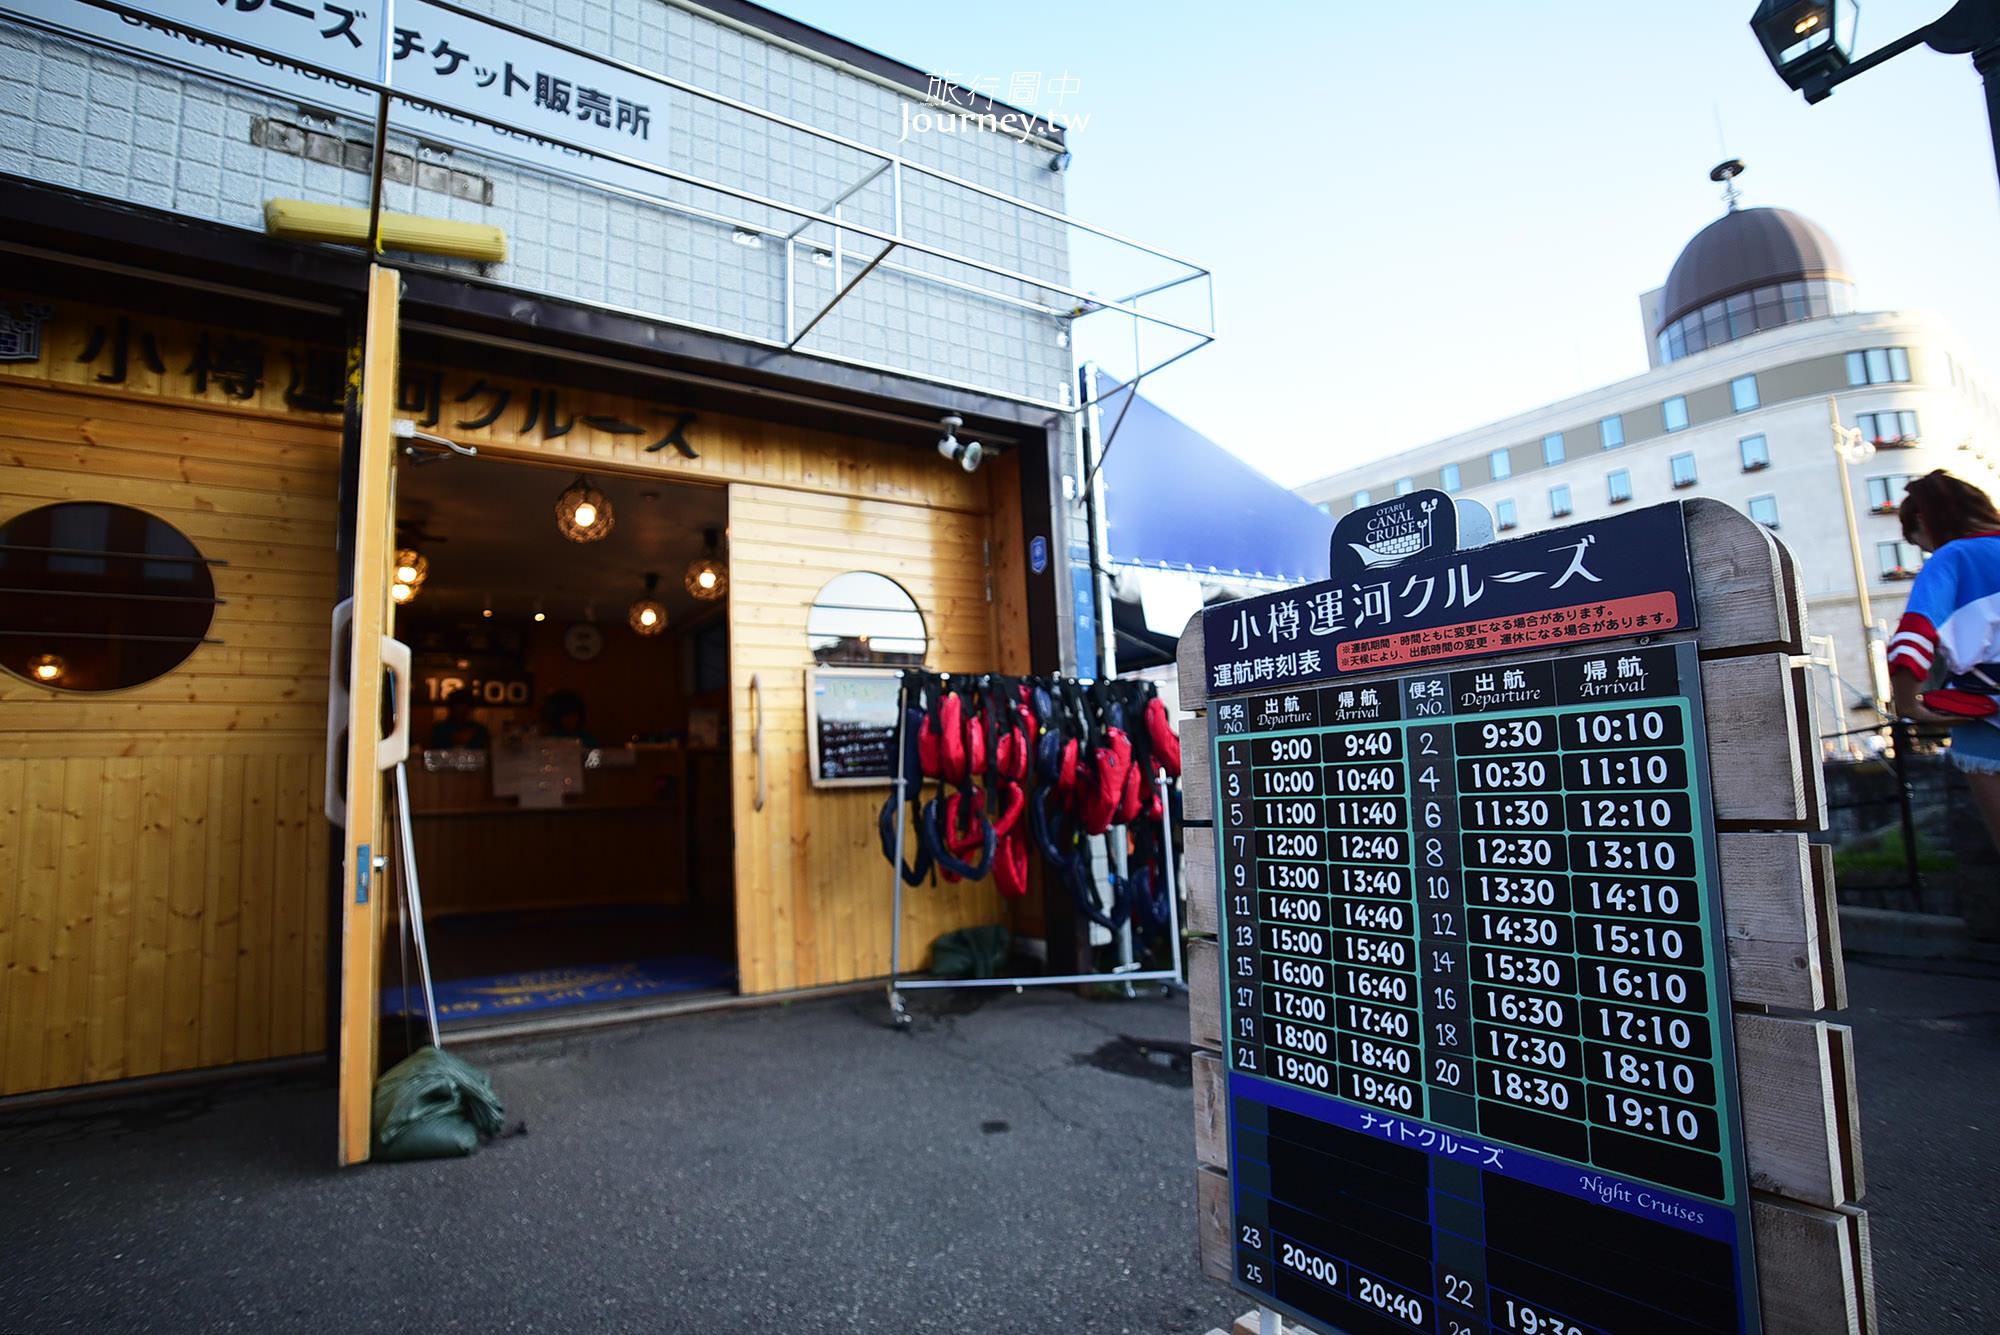 北海道,小樽景點,小樽運河,小樽,哈密瓜冰,出拔小路,小樽美食